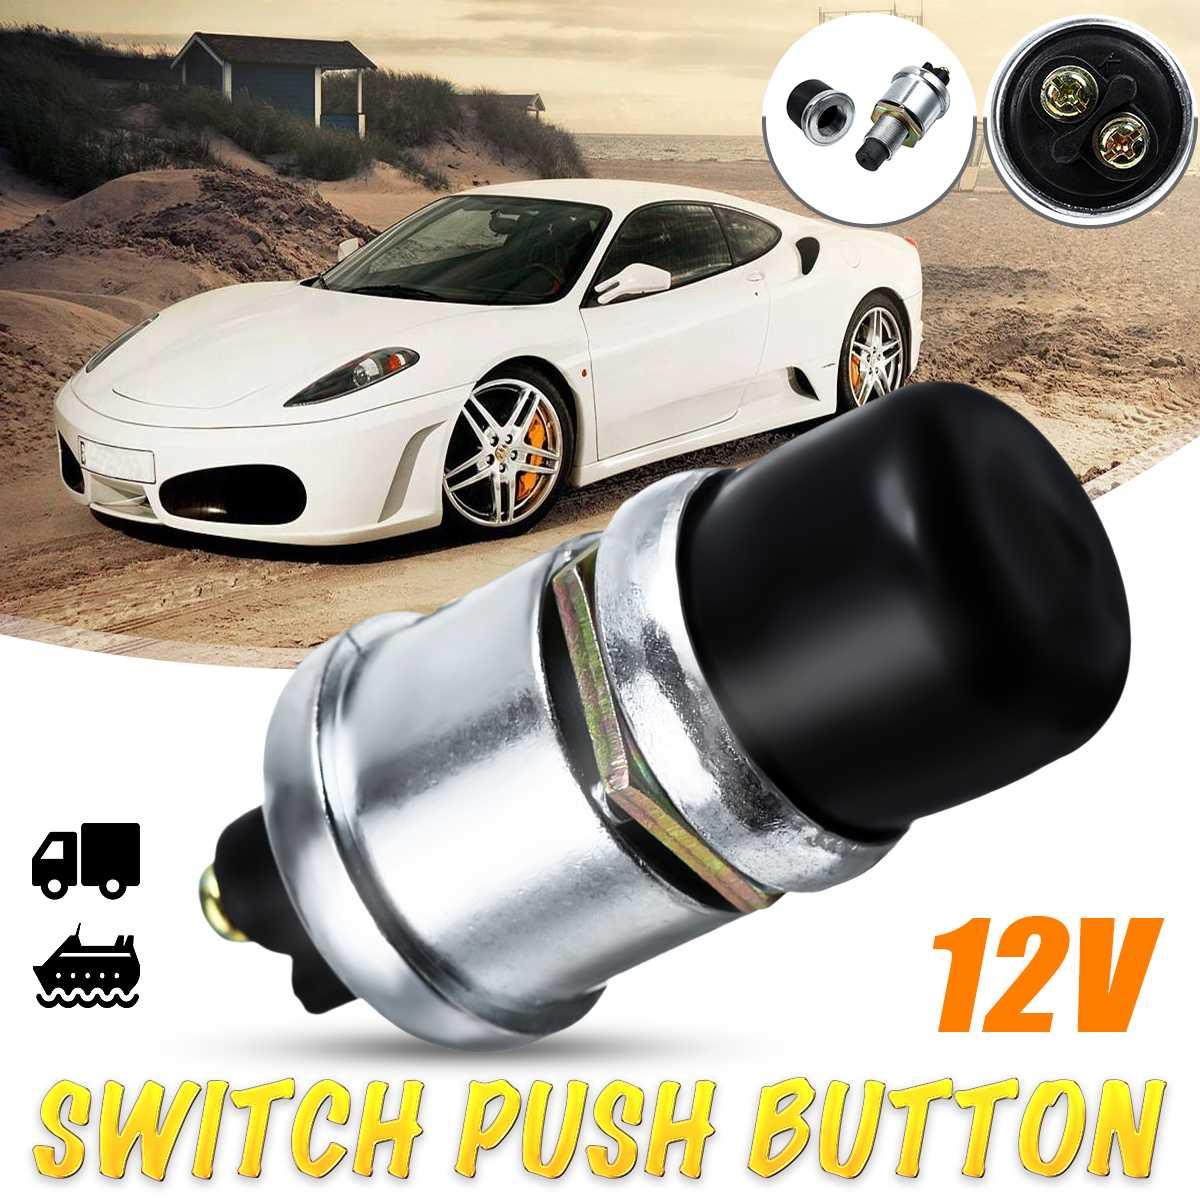 Универсальный 12 В 50А водонепроницаемый переключатель, кнопочный клаксон, пусковая кнопка старта, пусковой переключатель для автомобиля, лодки, трека, дизельный двигатель